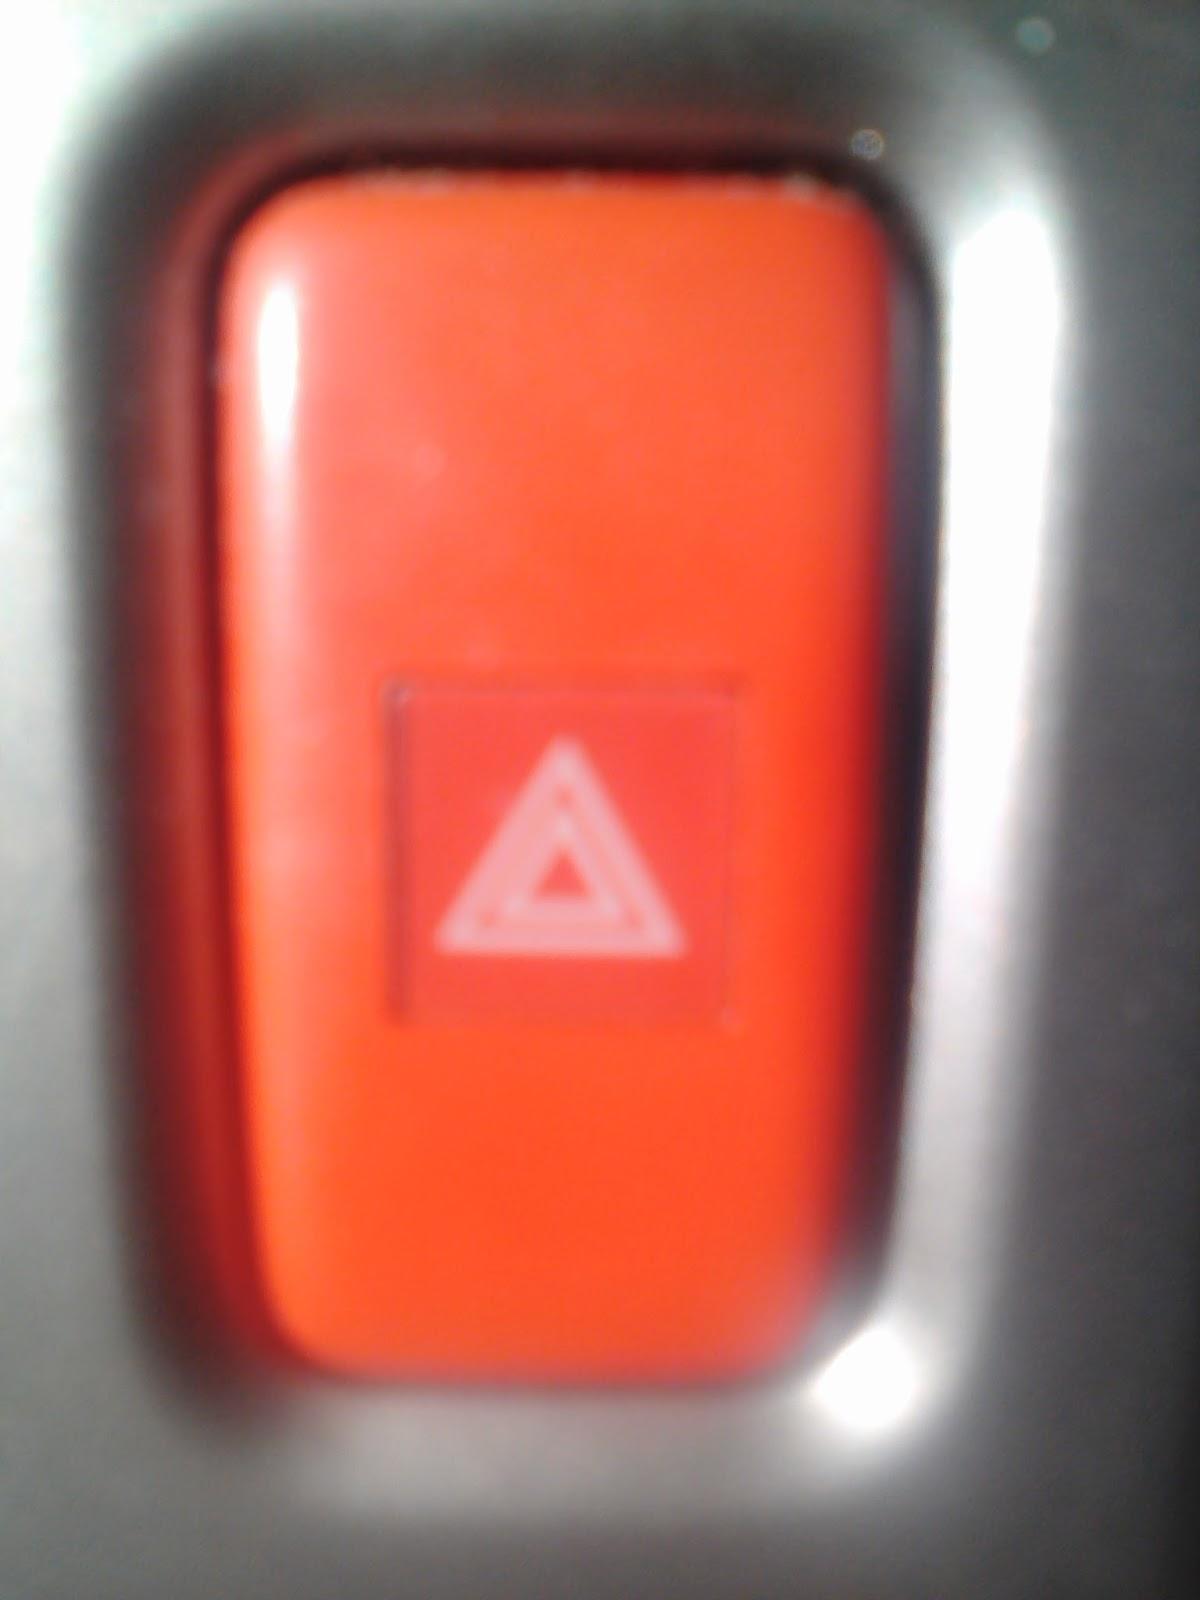 Informasi Campur Mengenal Lampu Darurat Mobil Segi Tiga Pengaman Hazard Lamp Atau Biasa Disebut Adalah Yang Hidup Bersamaan Ketika Tombol Bergambar Segitiga Merah Ditekan